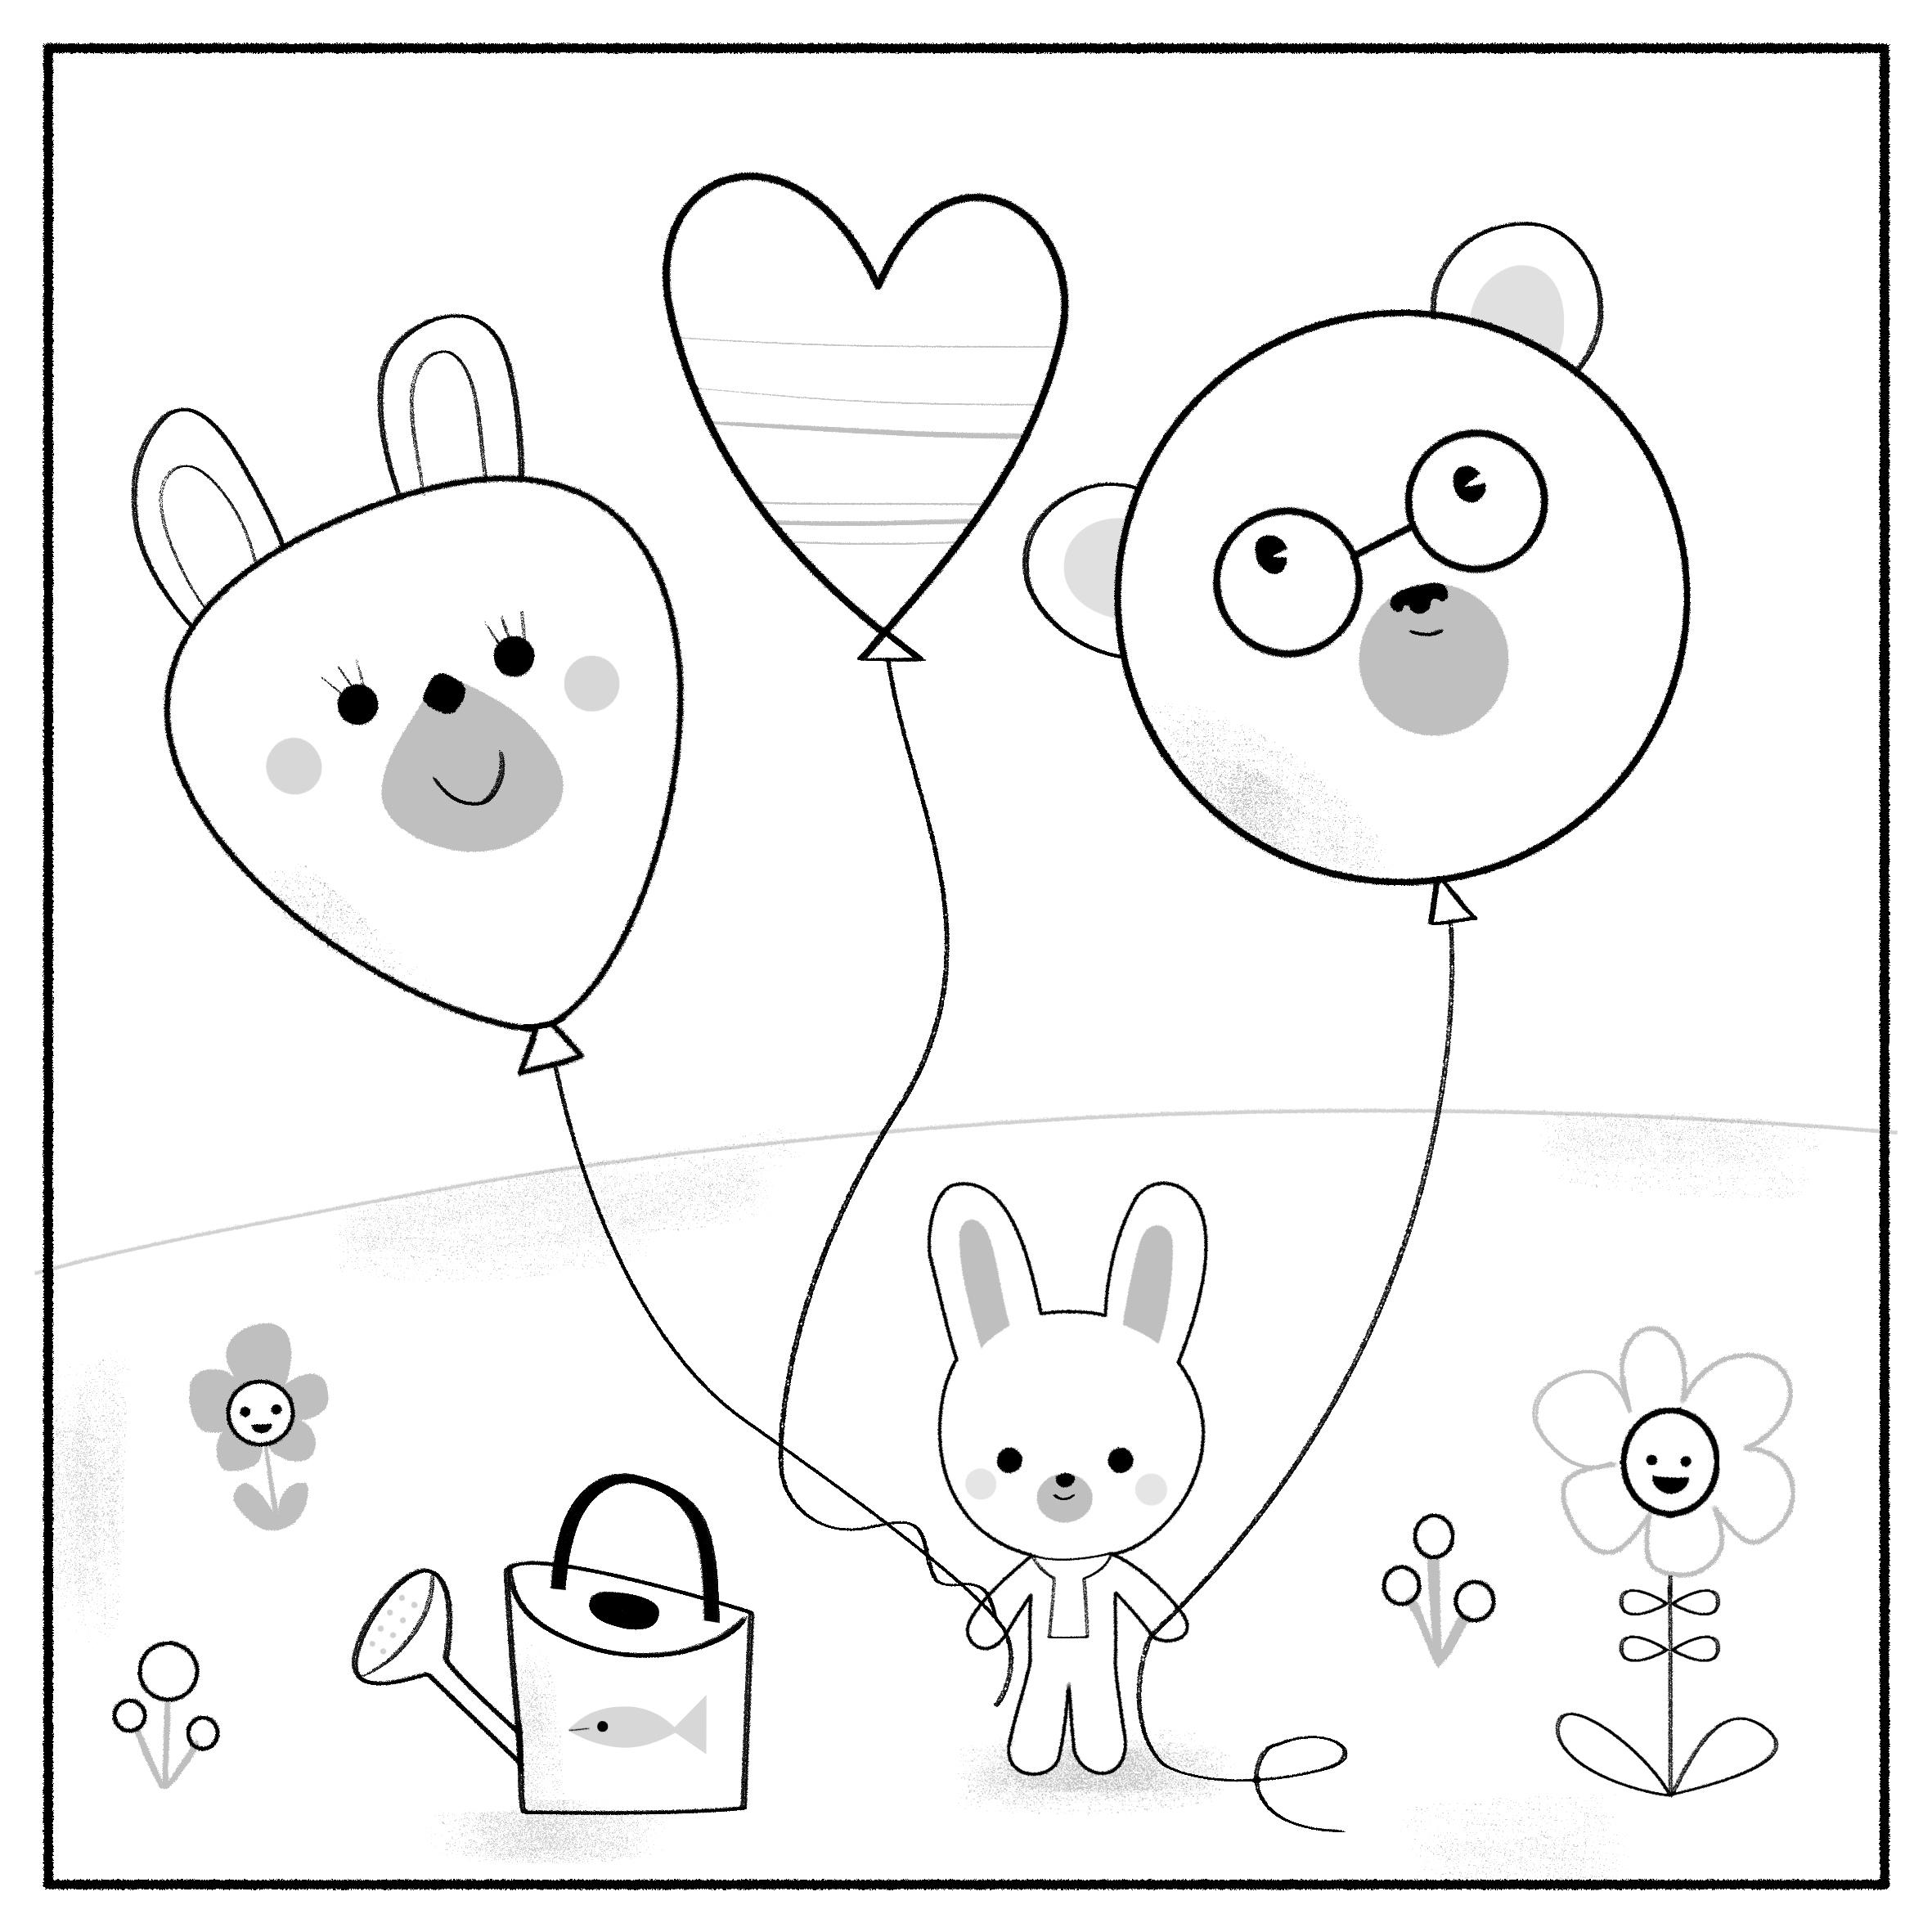 Cadeaux | Yoki Le Doudou intérieur Dessin De Doudou